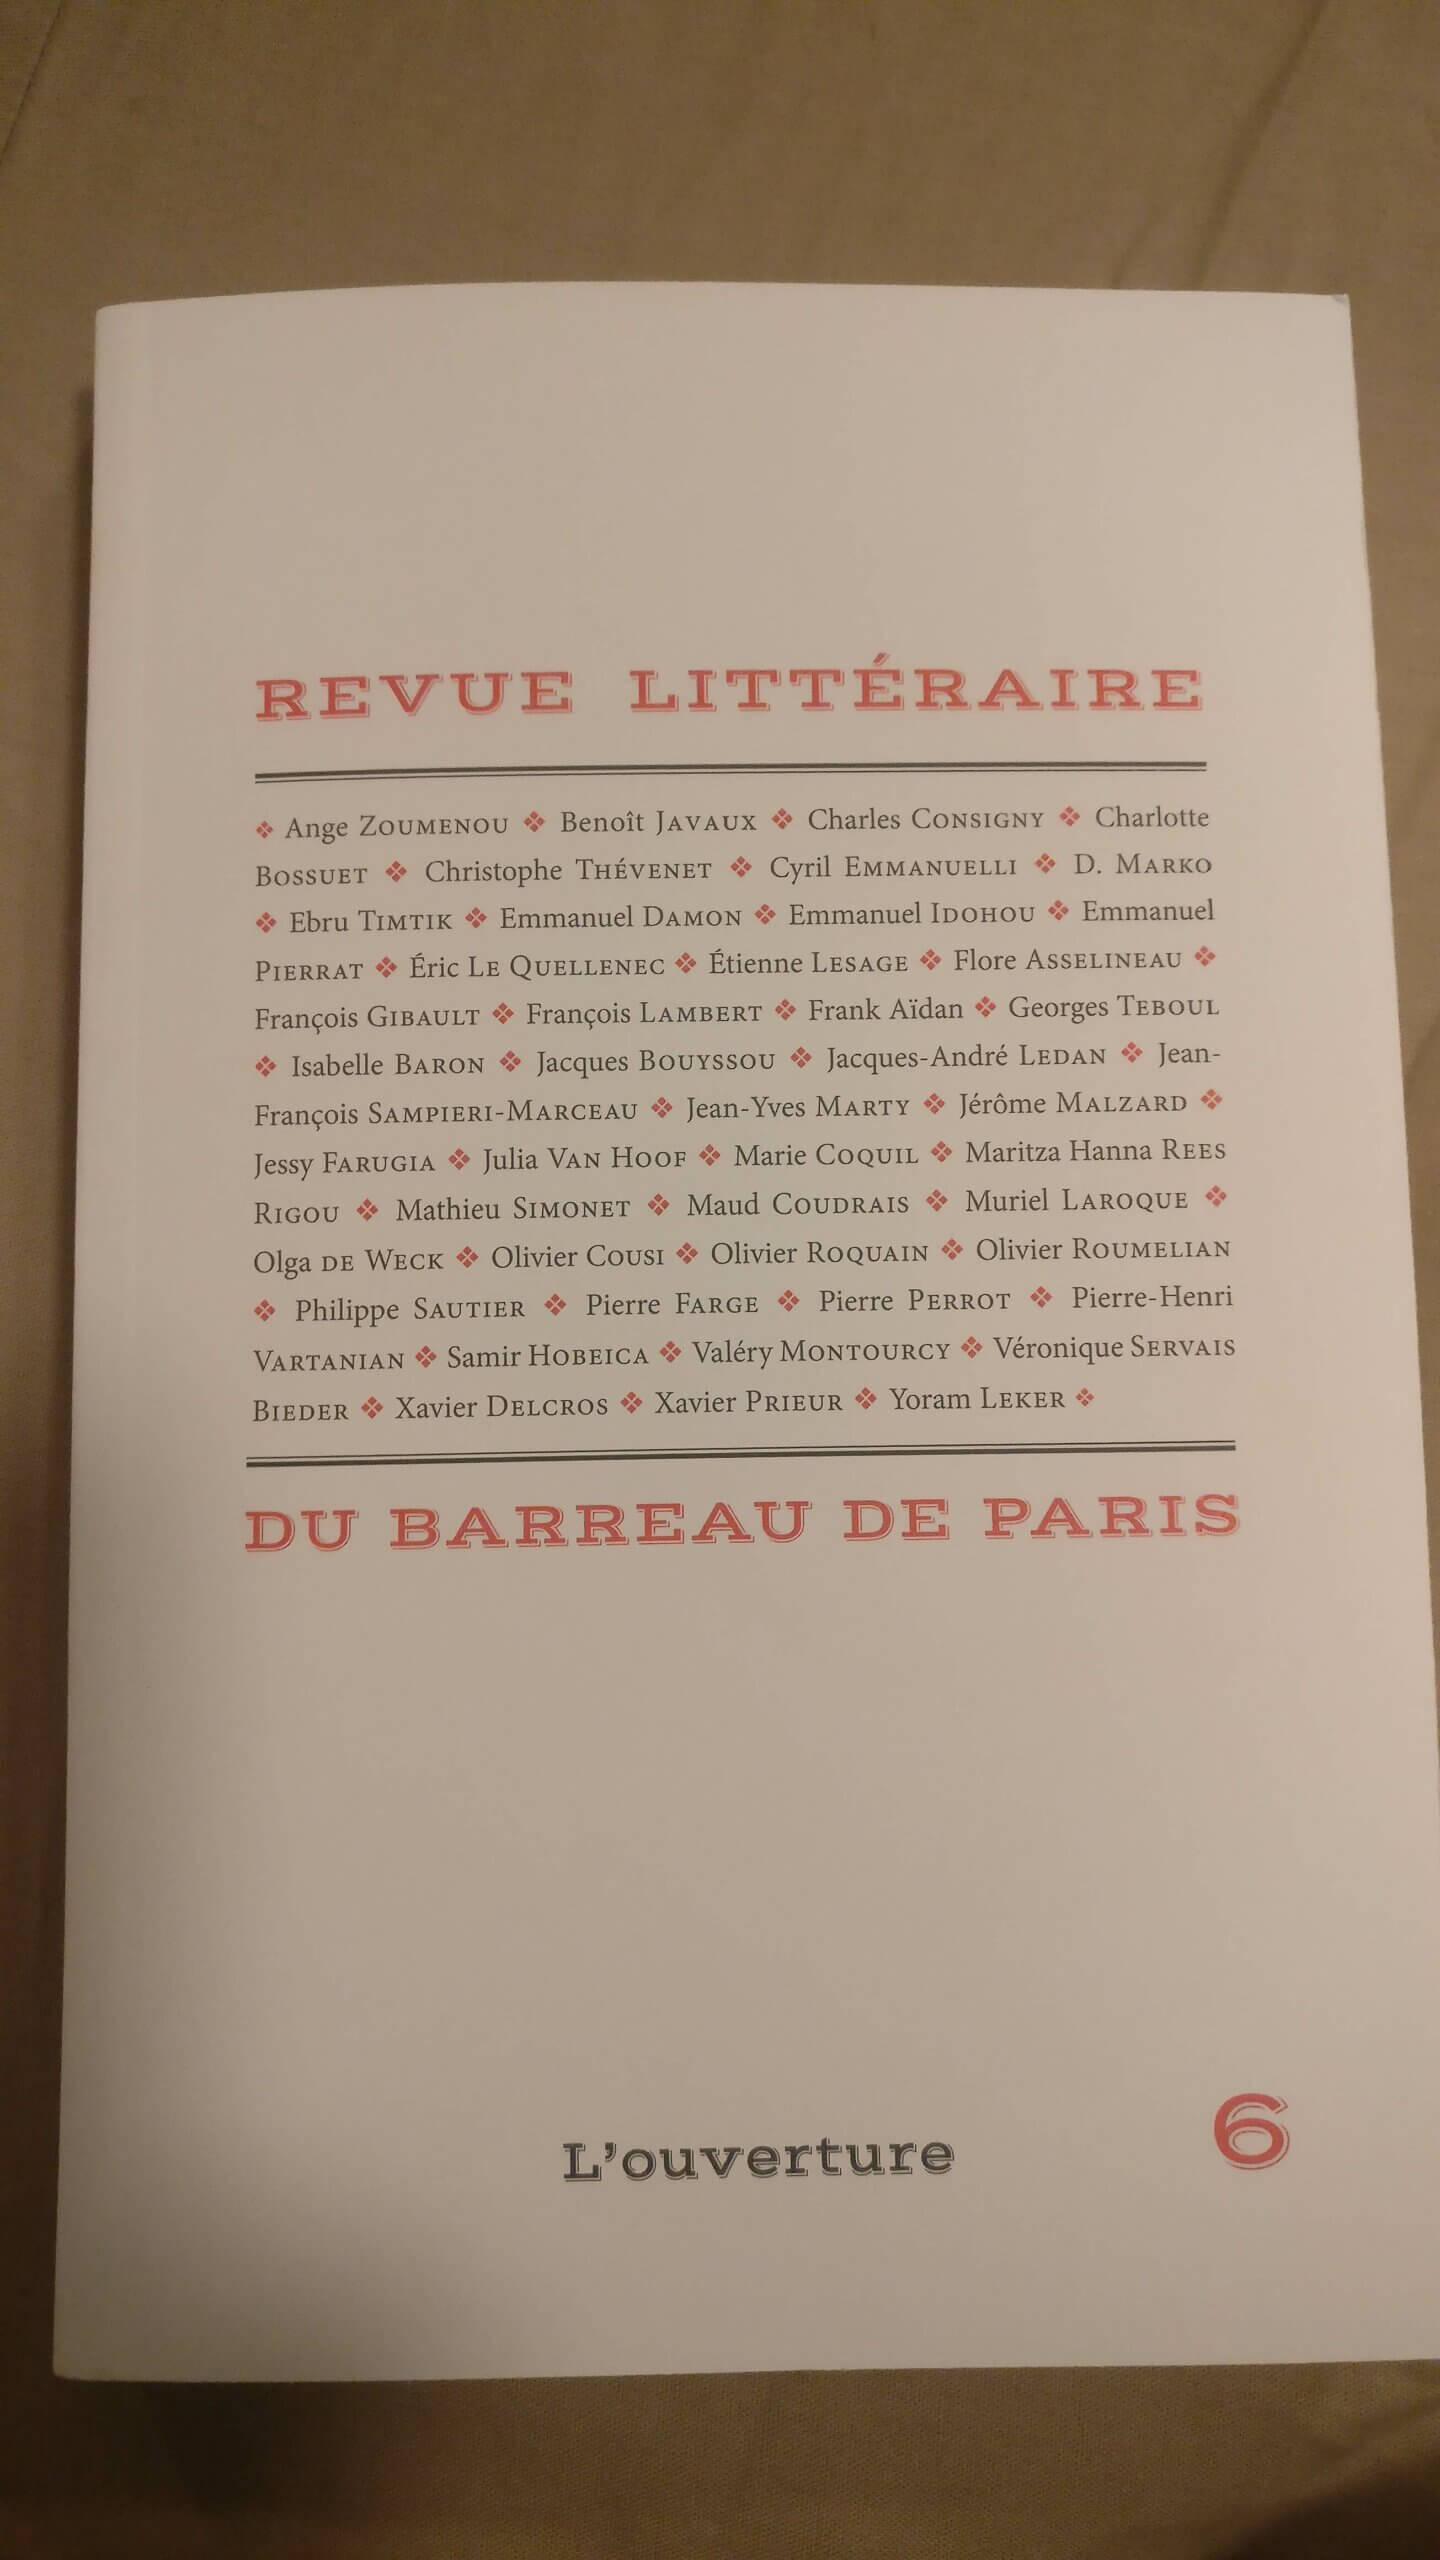 Revue Littéraire du Barreau de Paris